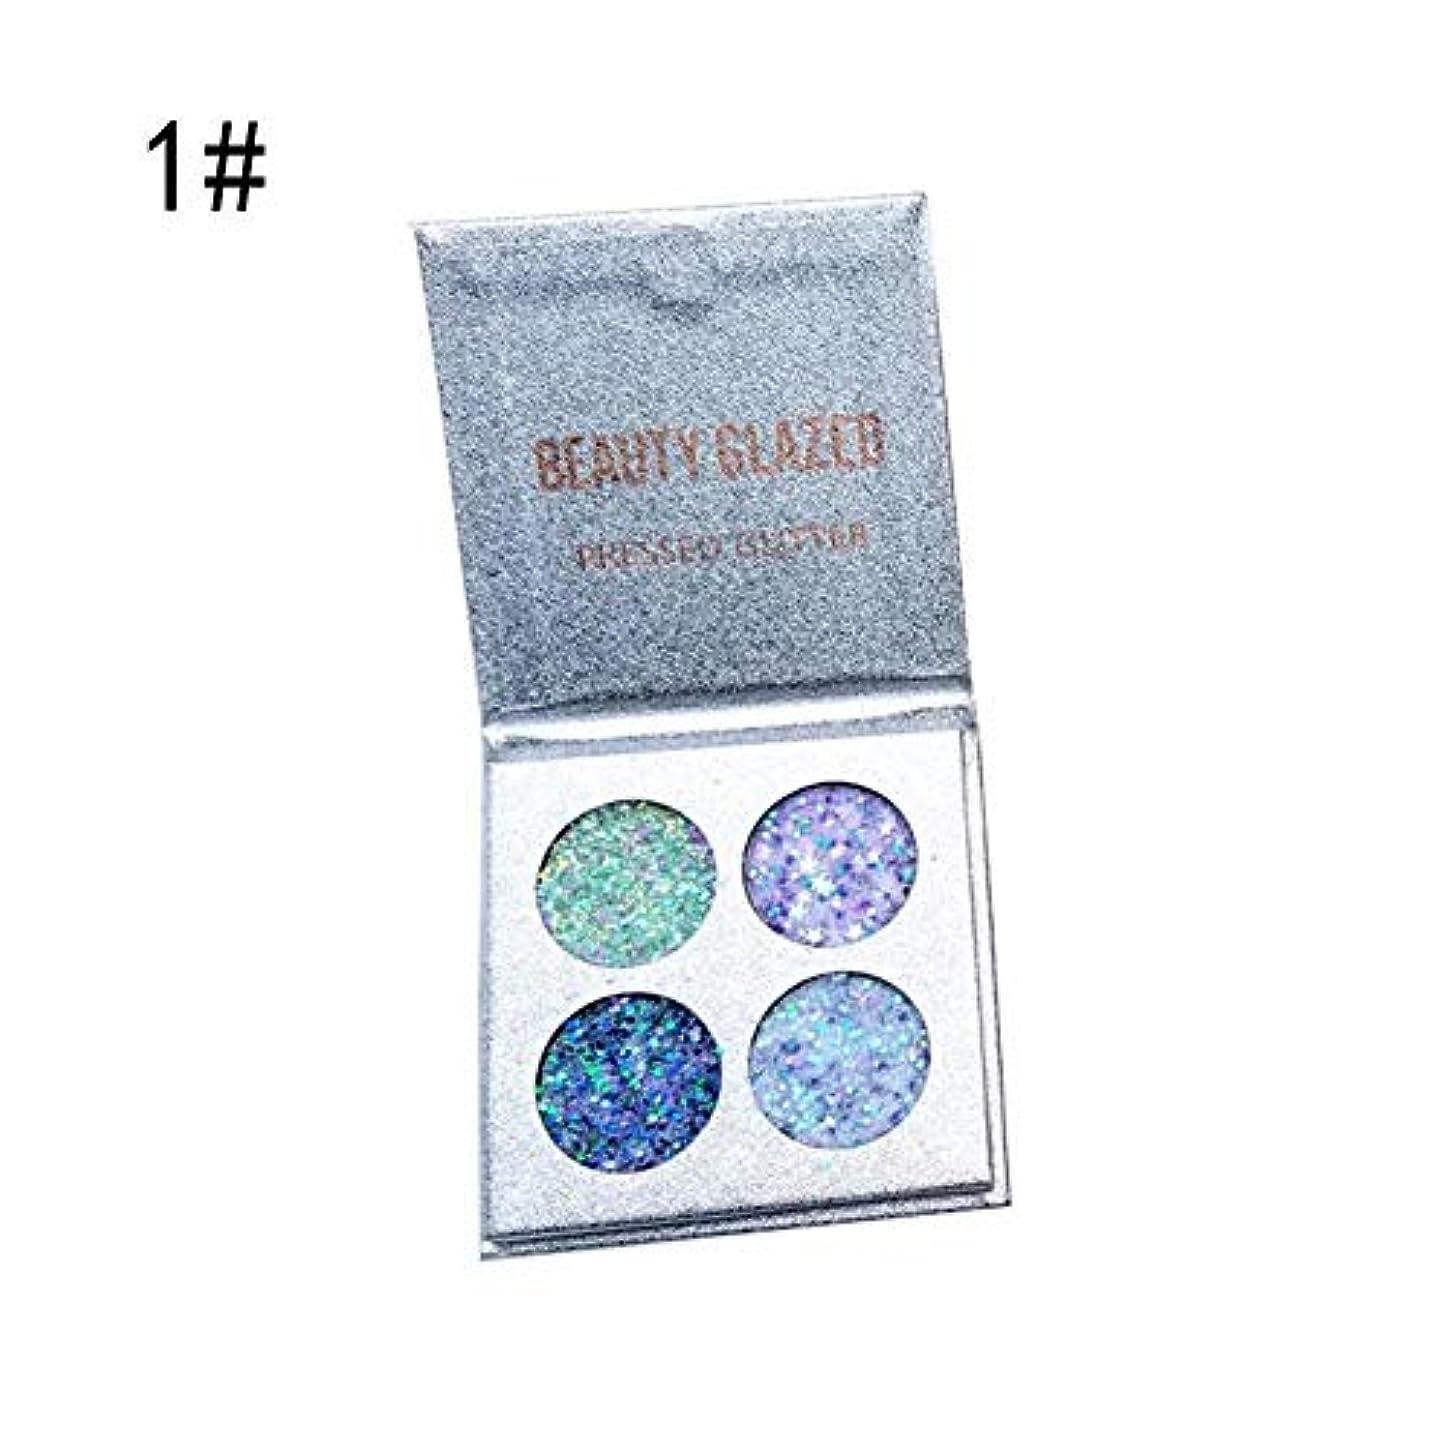 本物ローストユダヤ人BETTER YOU (ベター ュー) beauty glazed 4色スパンコールアイシャドウ、浮遊粉なし、しみ込みやすく、防水、防汗性、持続性、天然 (A 1#)